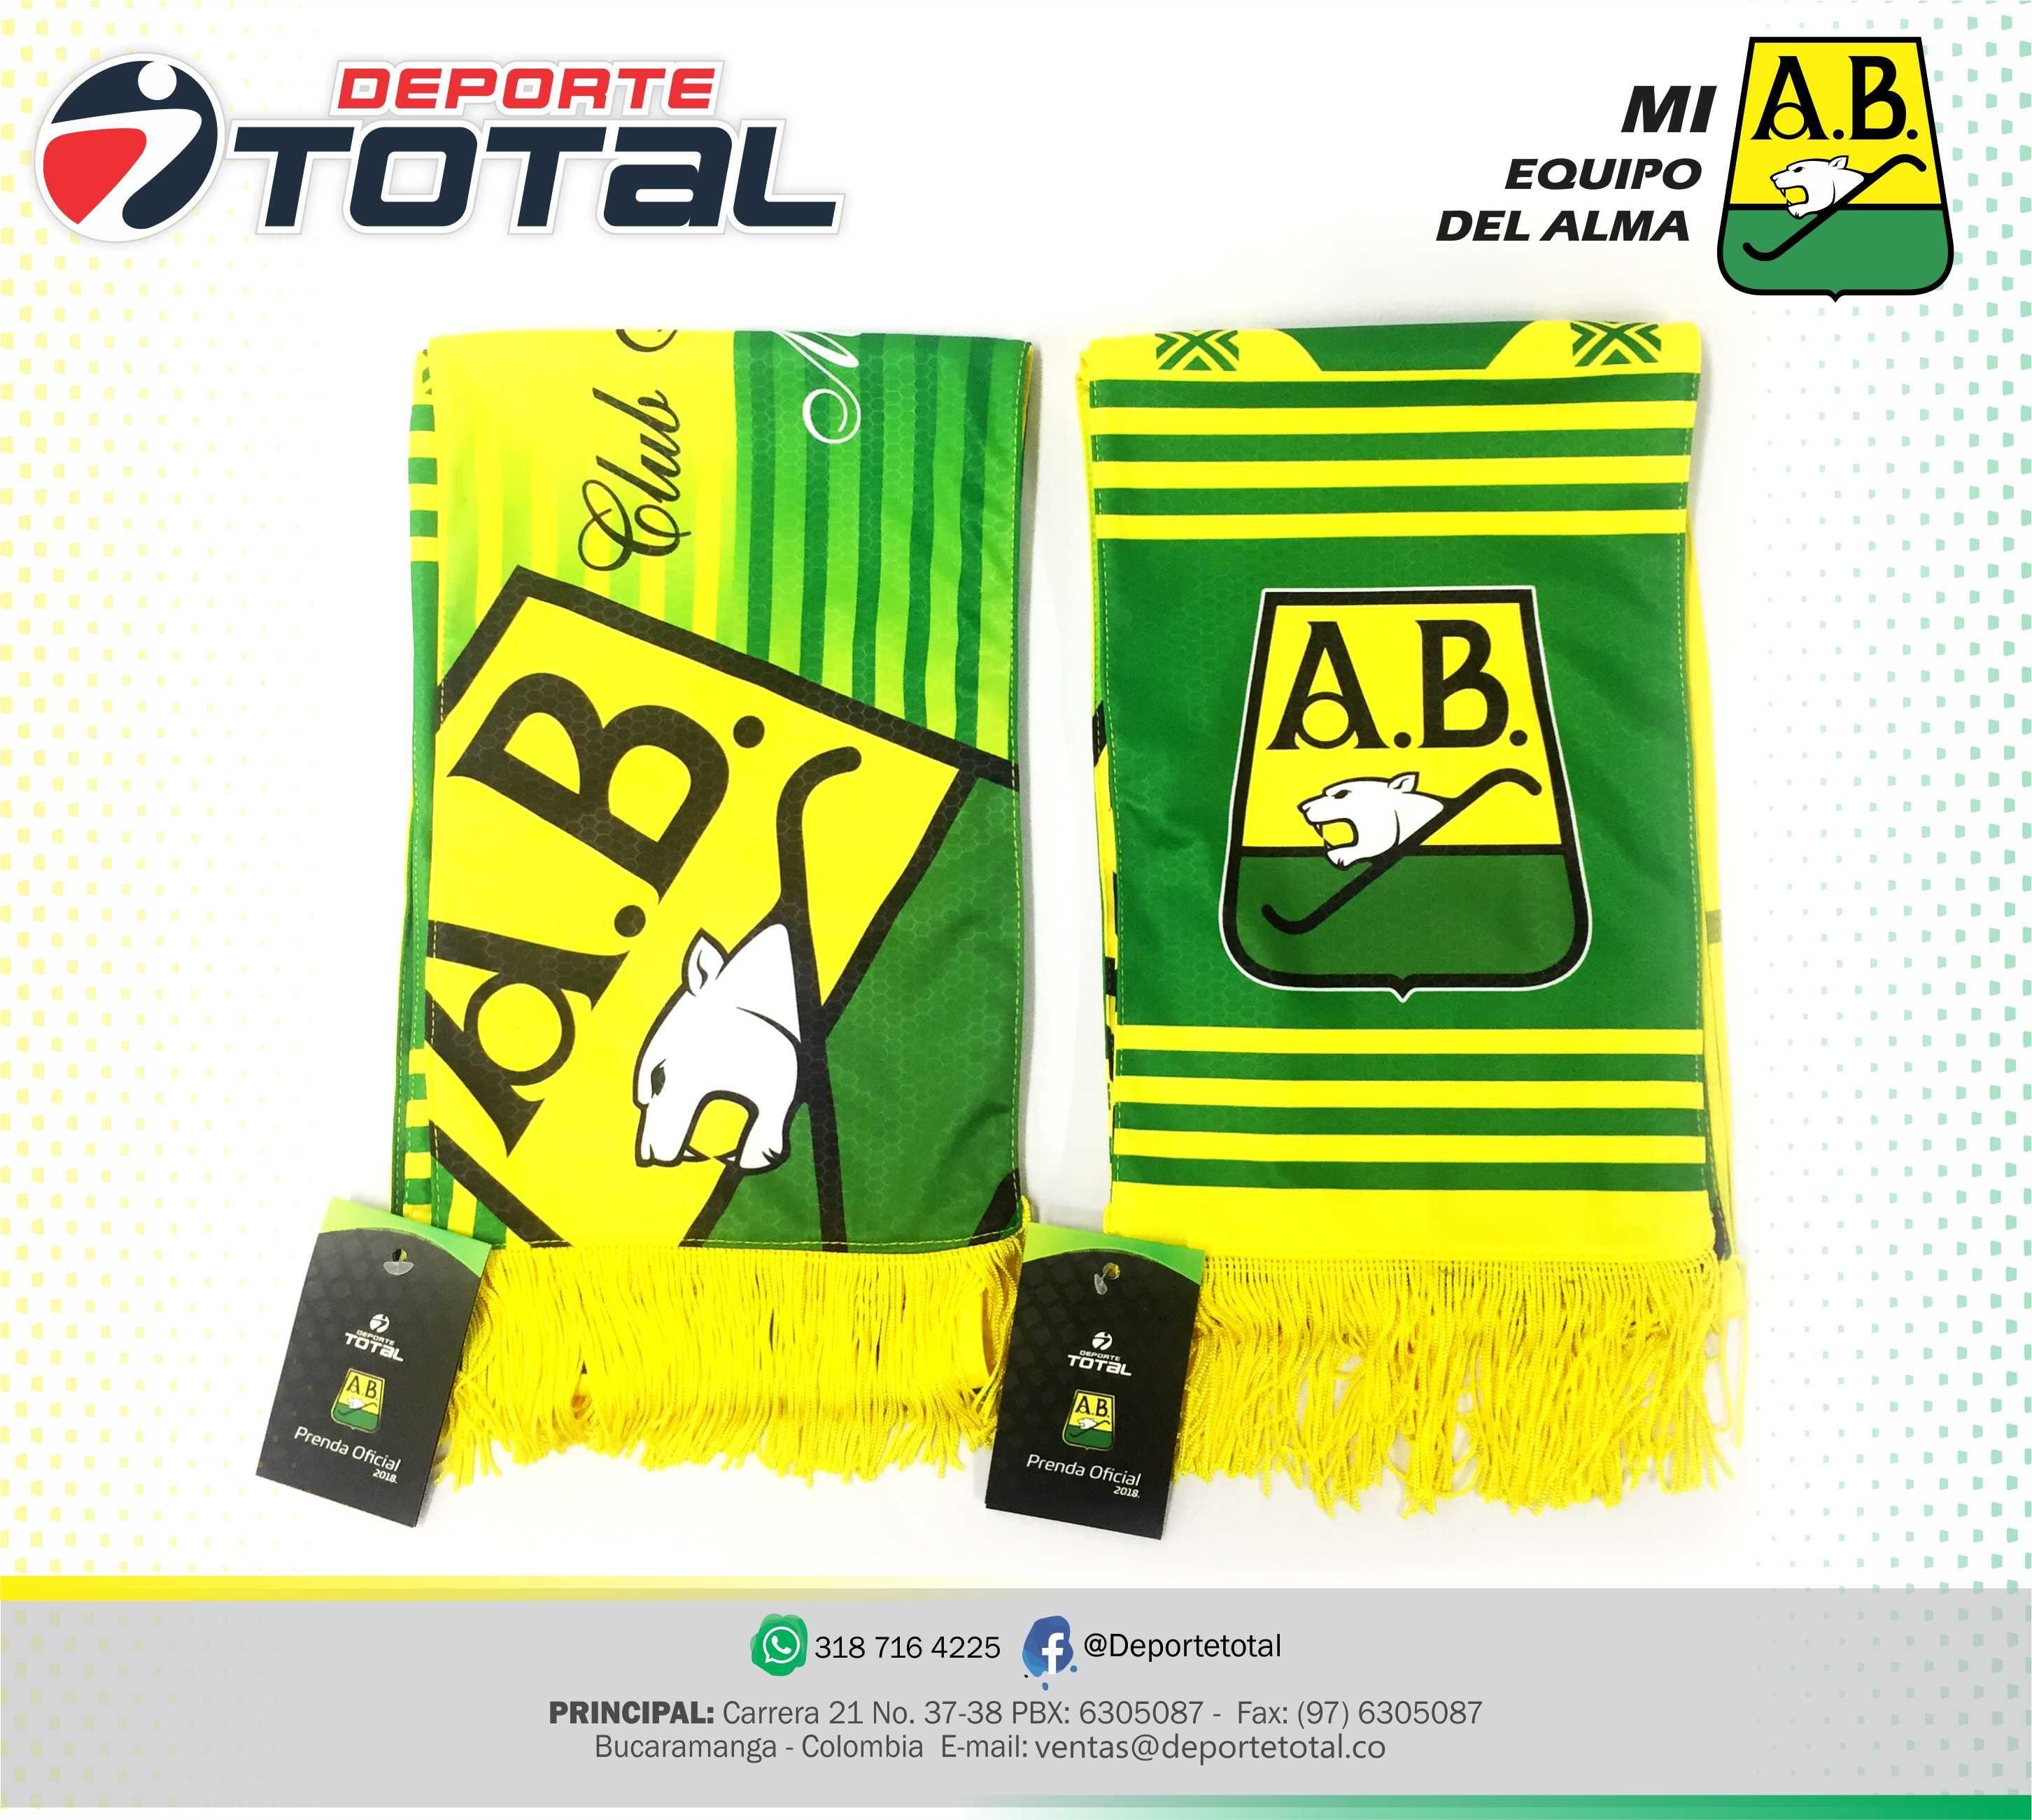 Bufanda Atletico Bucaramanga Futbol Deporte Total Colombia El Mejor Equipo De Colombia Diseno Innovacion Deportivo Deportes Articulos Deportivos Equipo